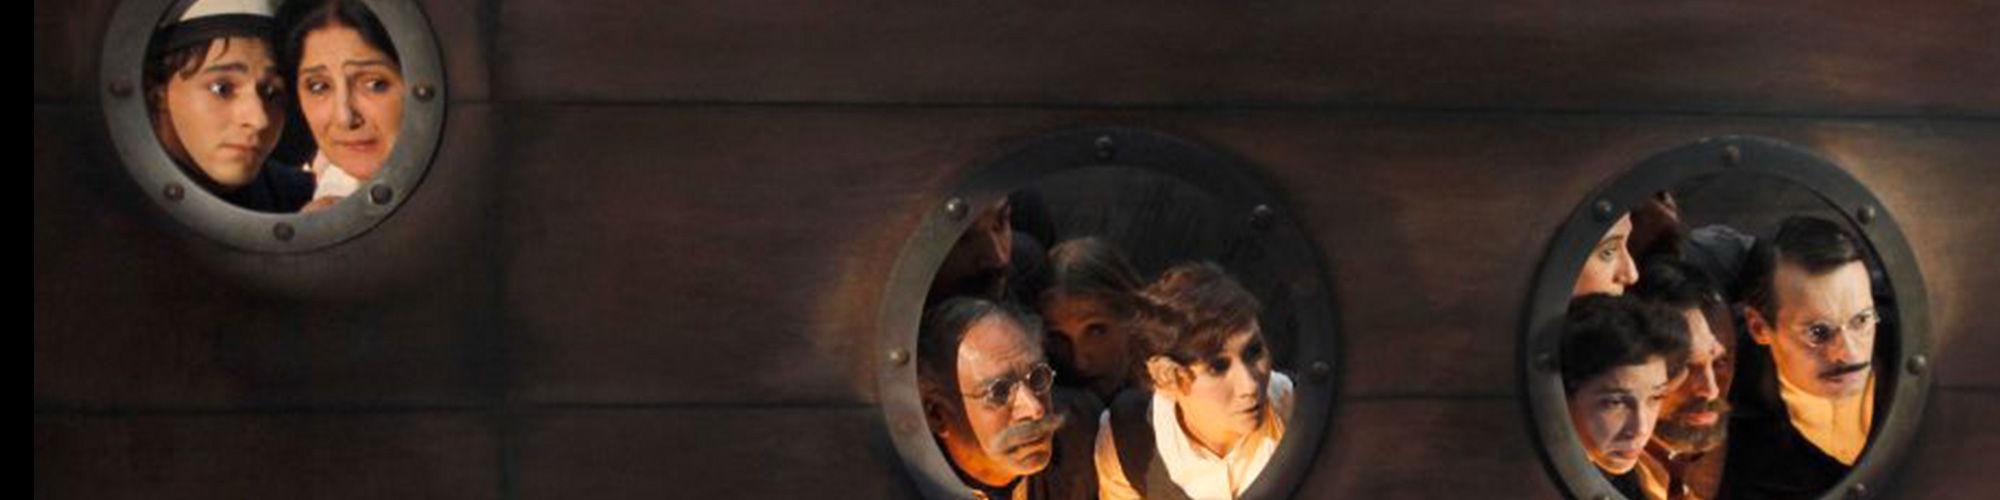 Progagande active (Re)découvrez les films de théâtre d'ARTE